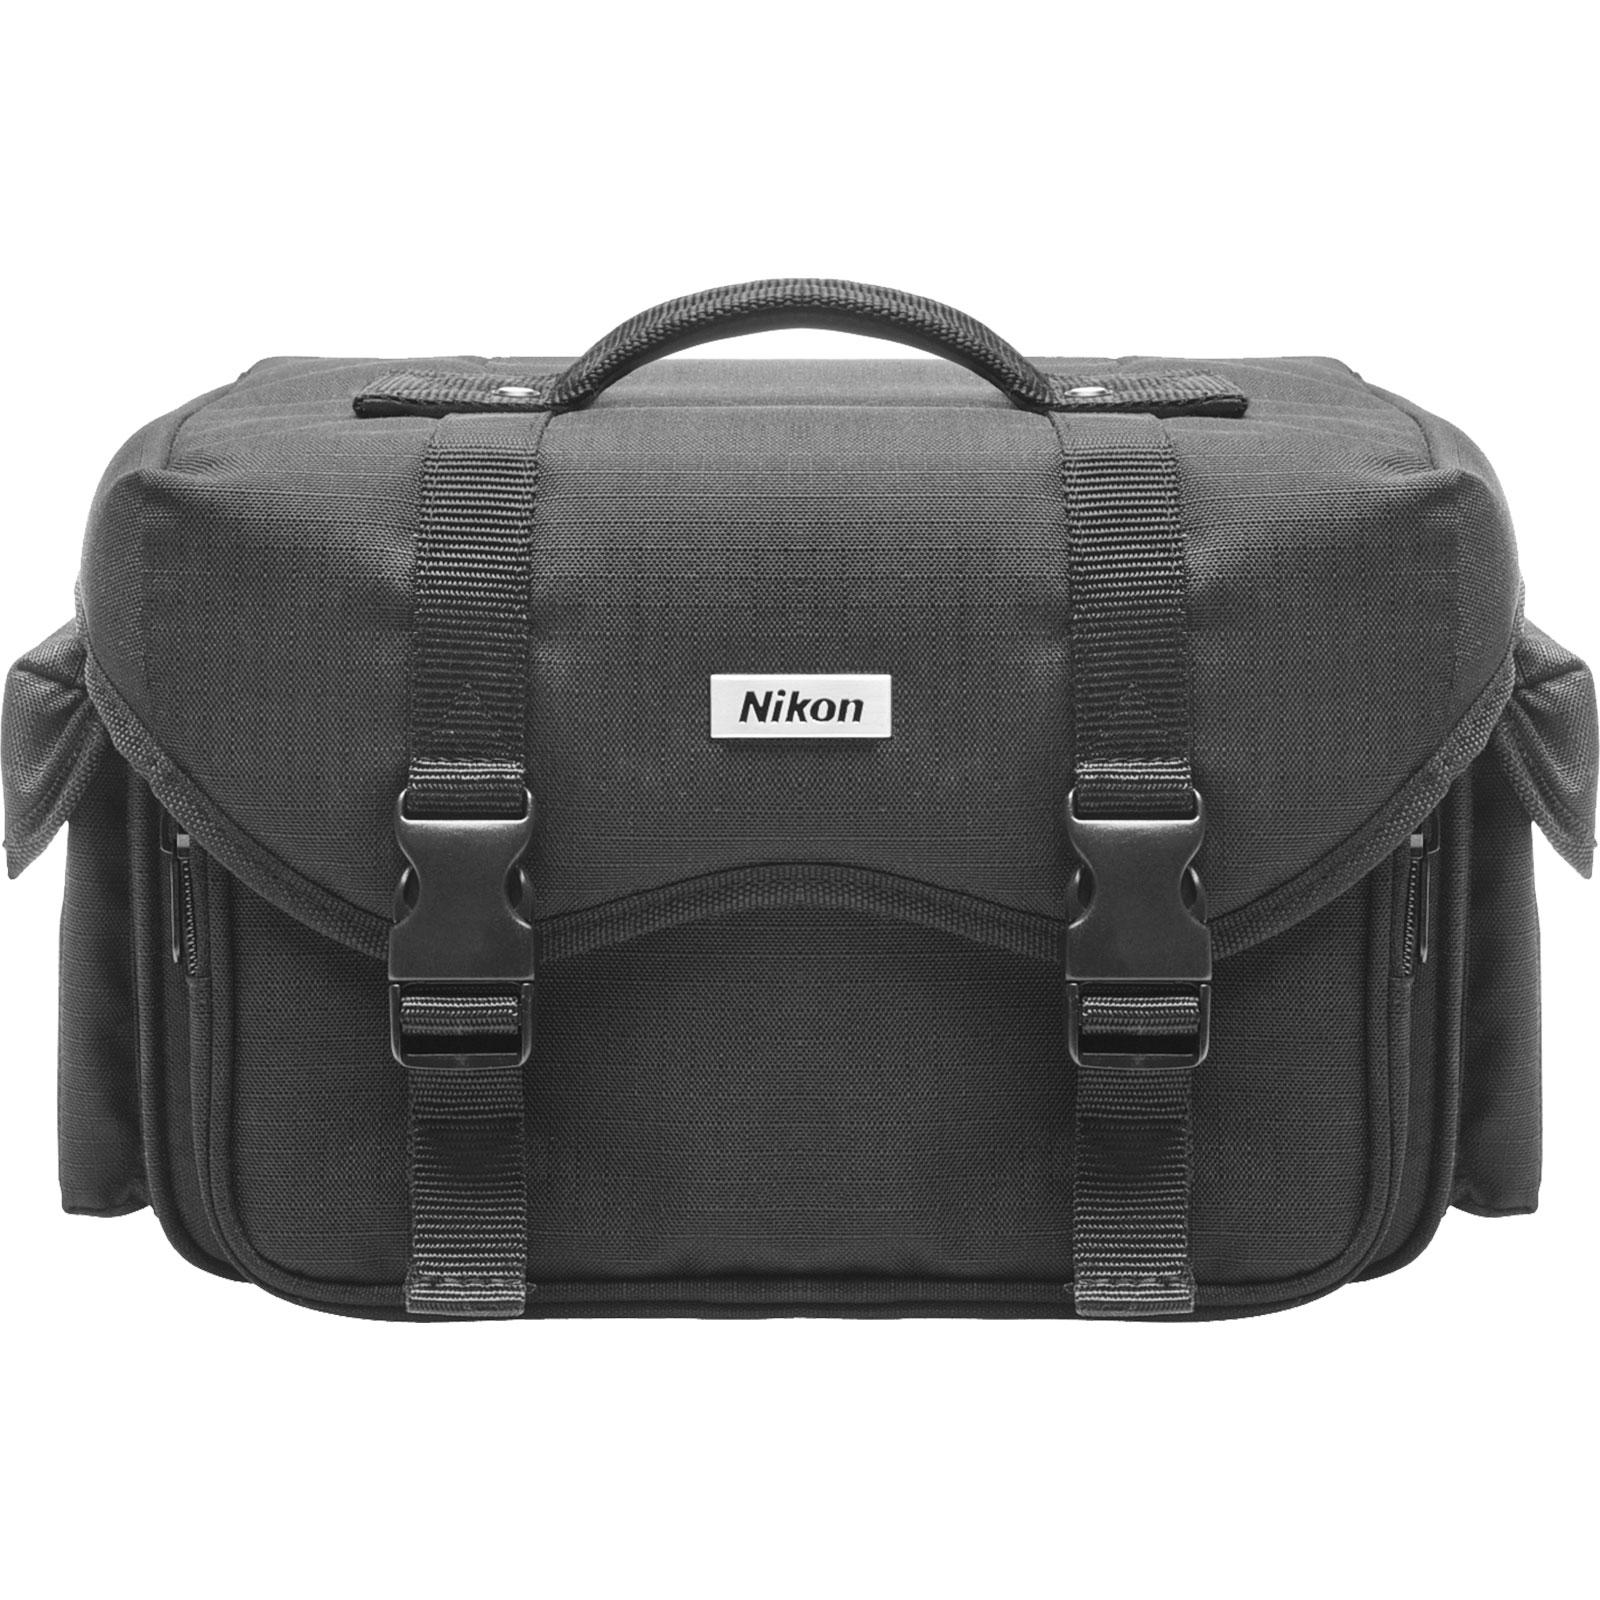 Nikon 5874 Digital SLR Camera Case - Gadget Bag for D4s, D810, D800, D610, D7100, D7000, D5300, D5200, D5100, D3300, D3200, D3100